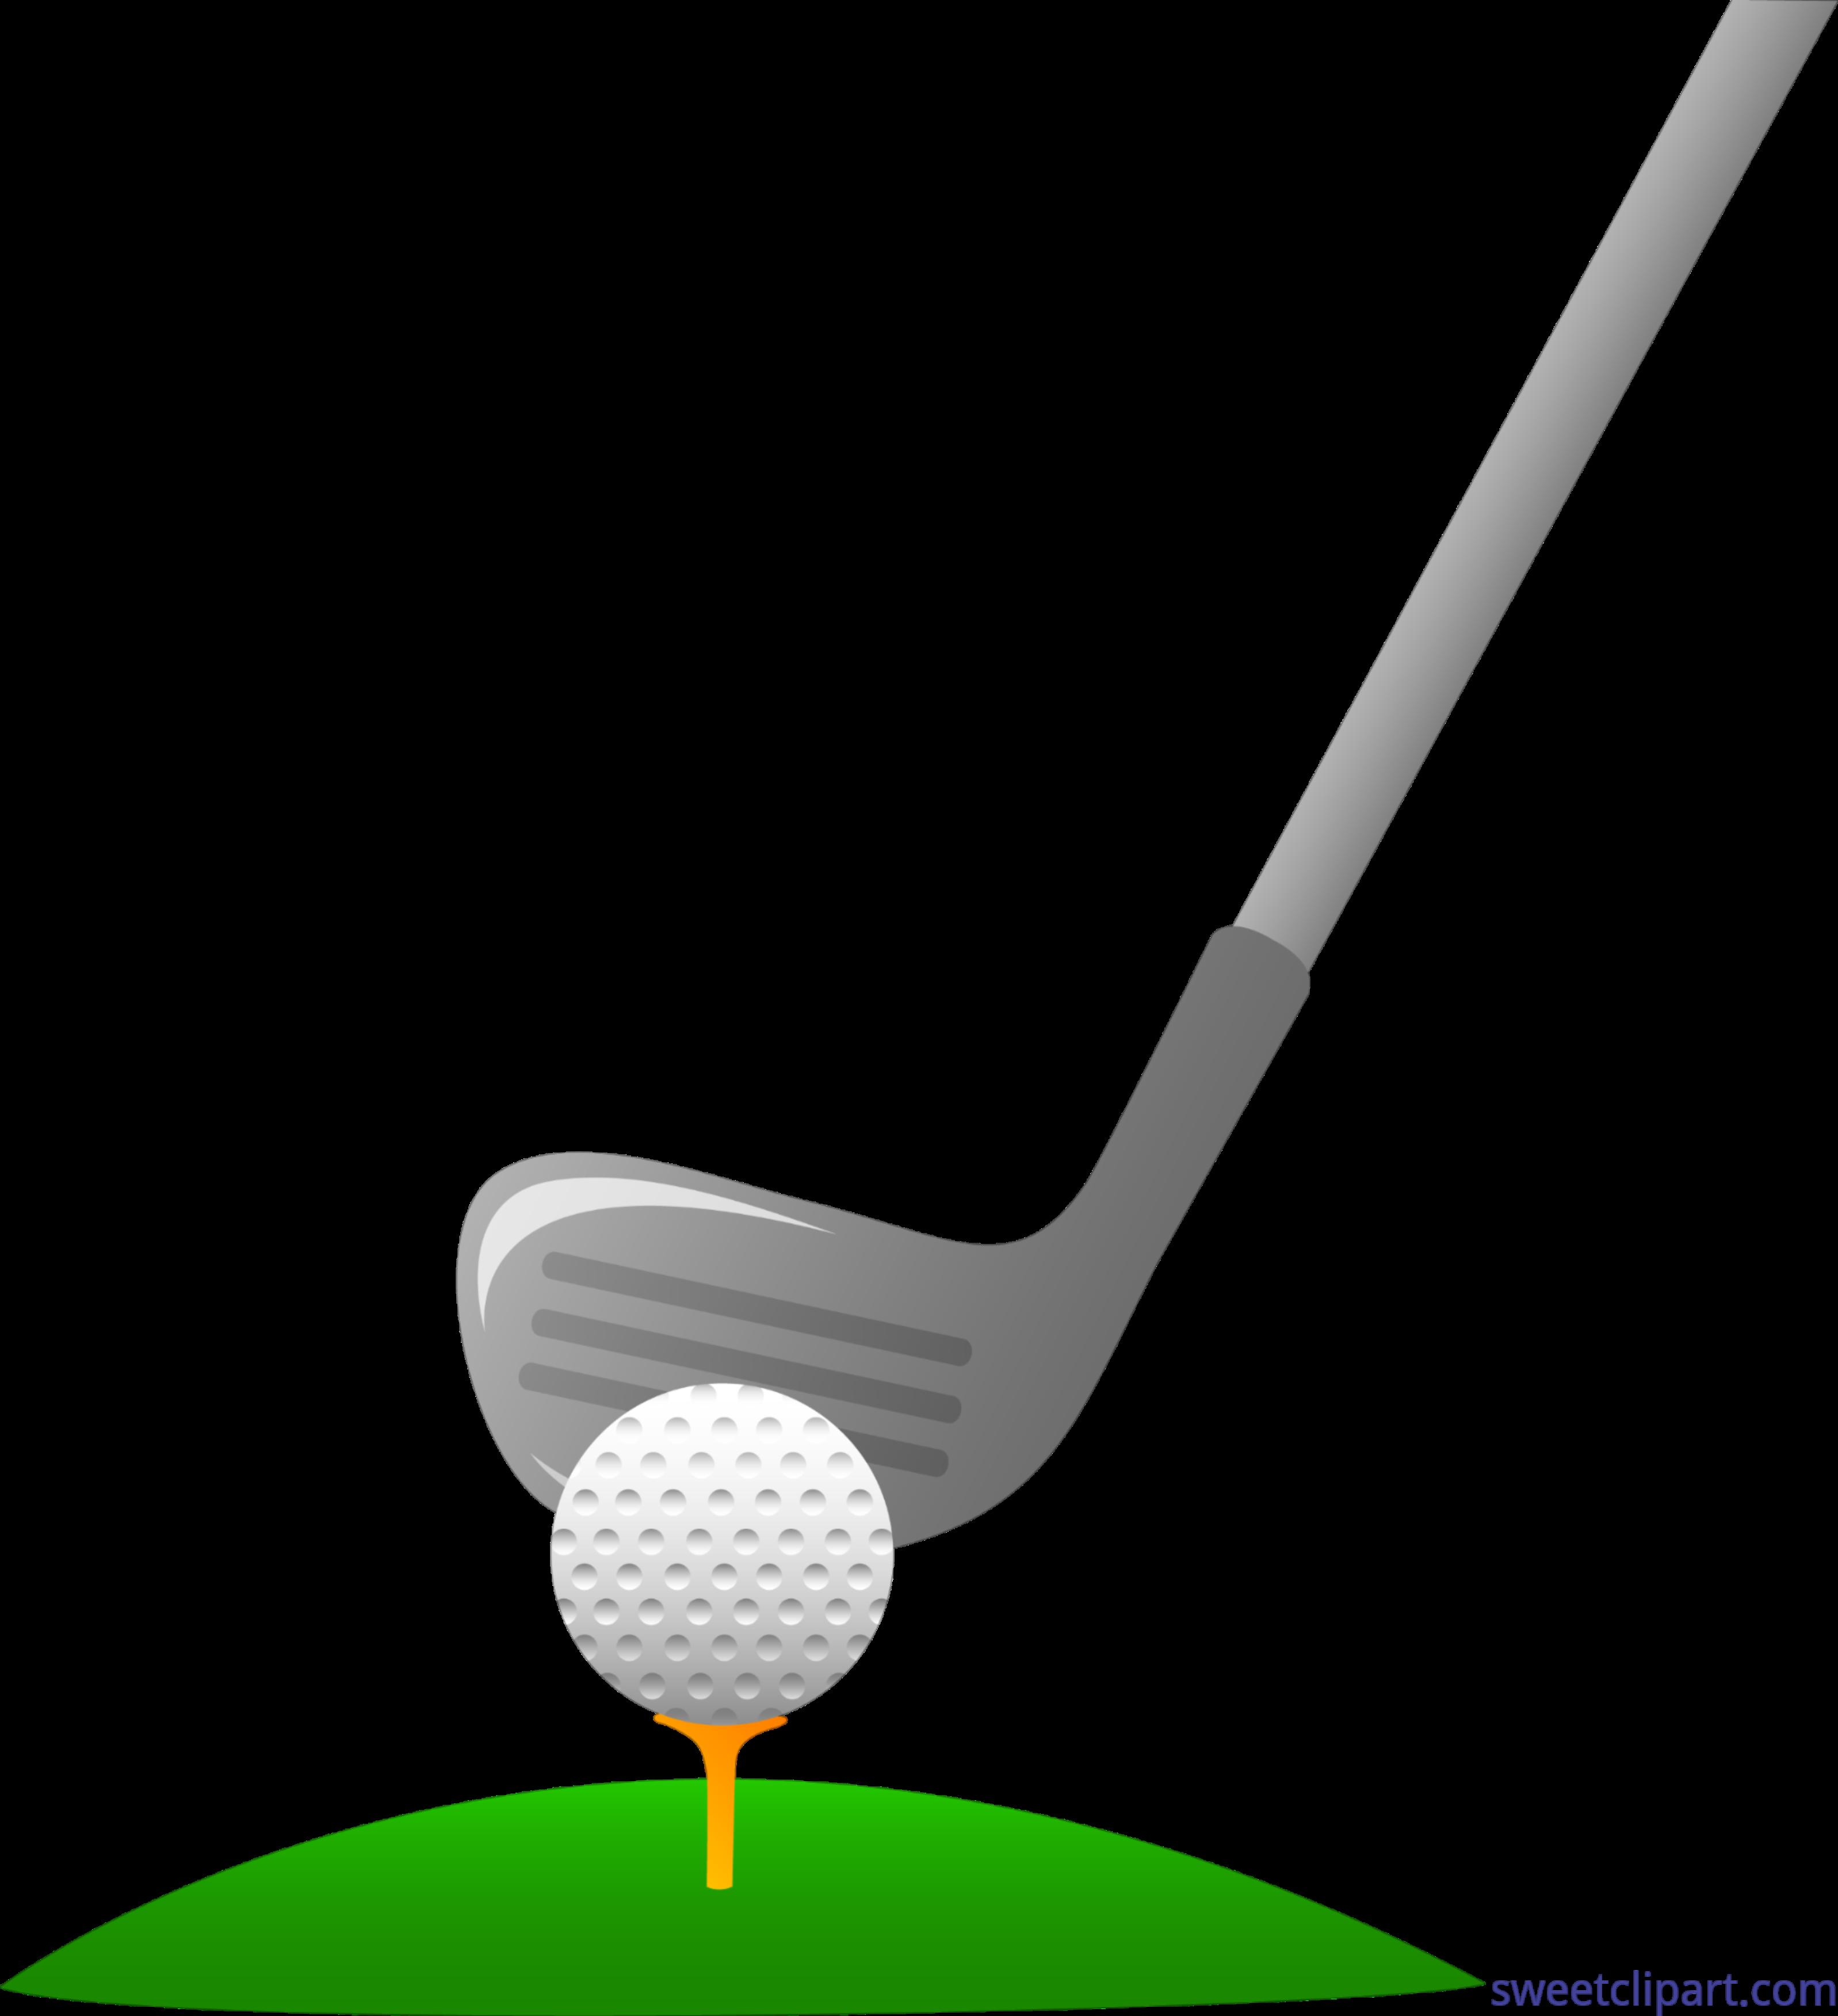 Golf Club And Ball 1 Clip Art.